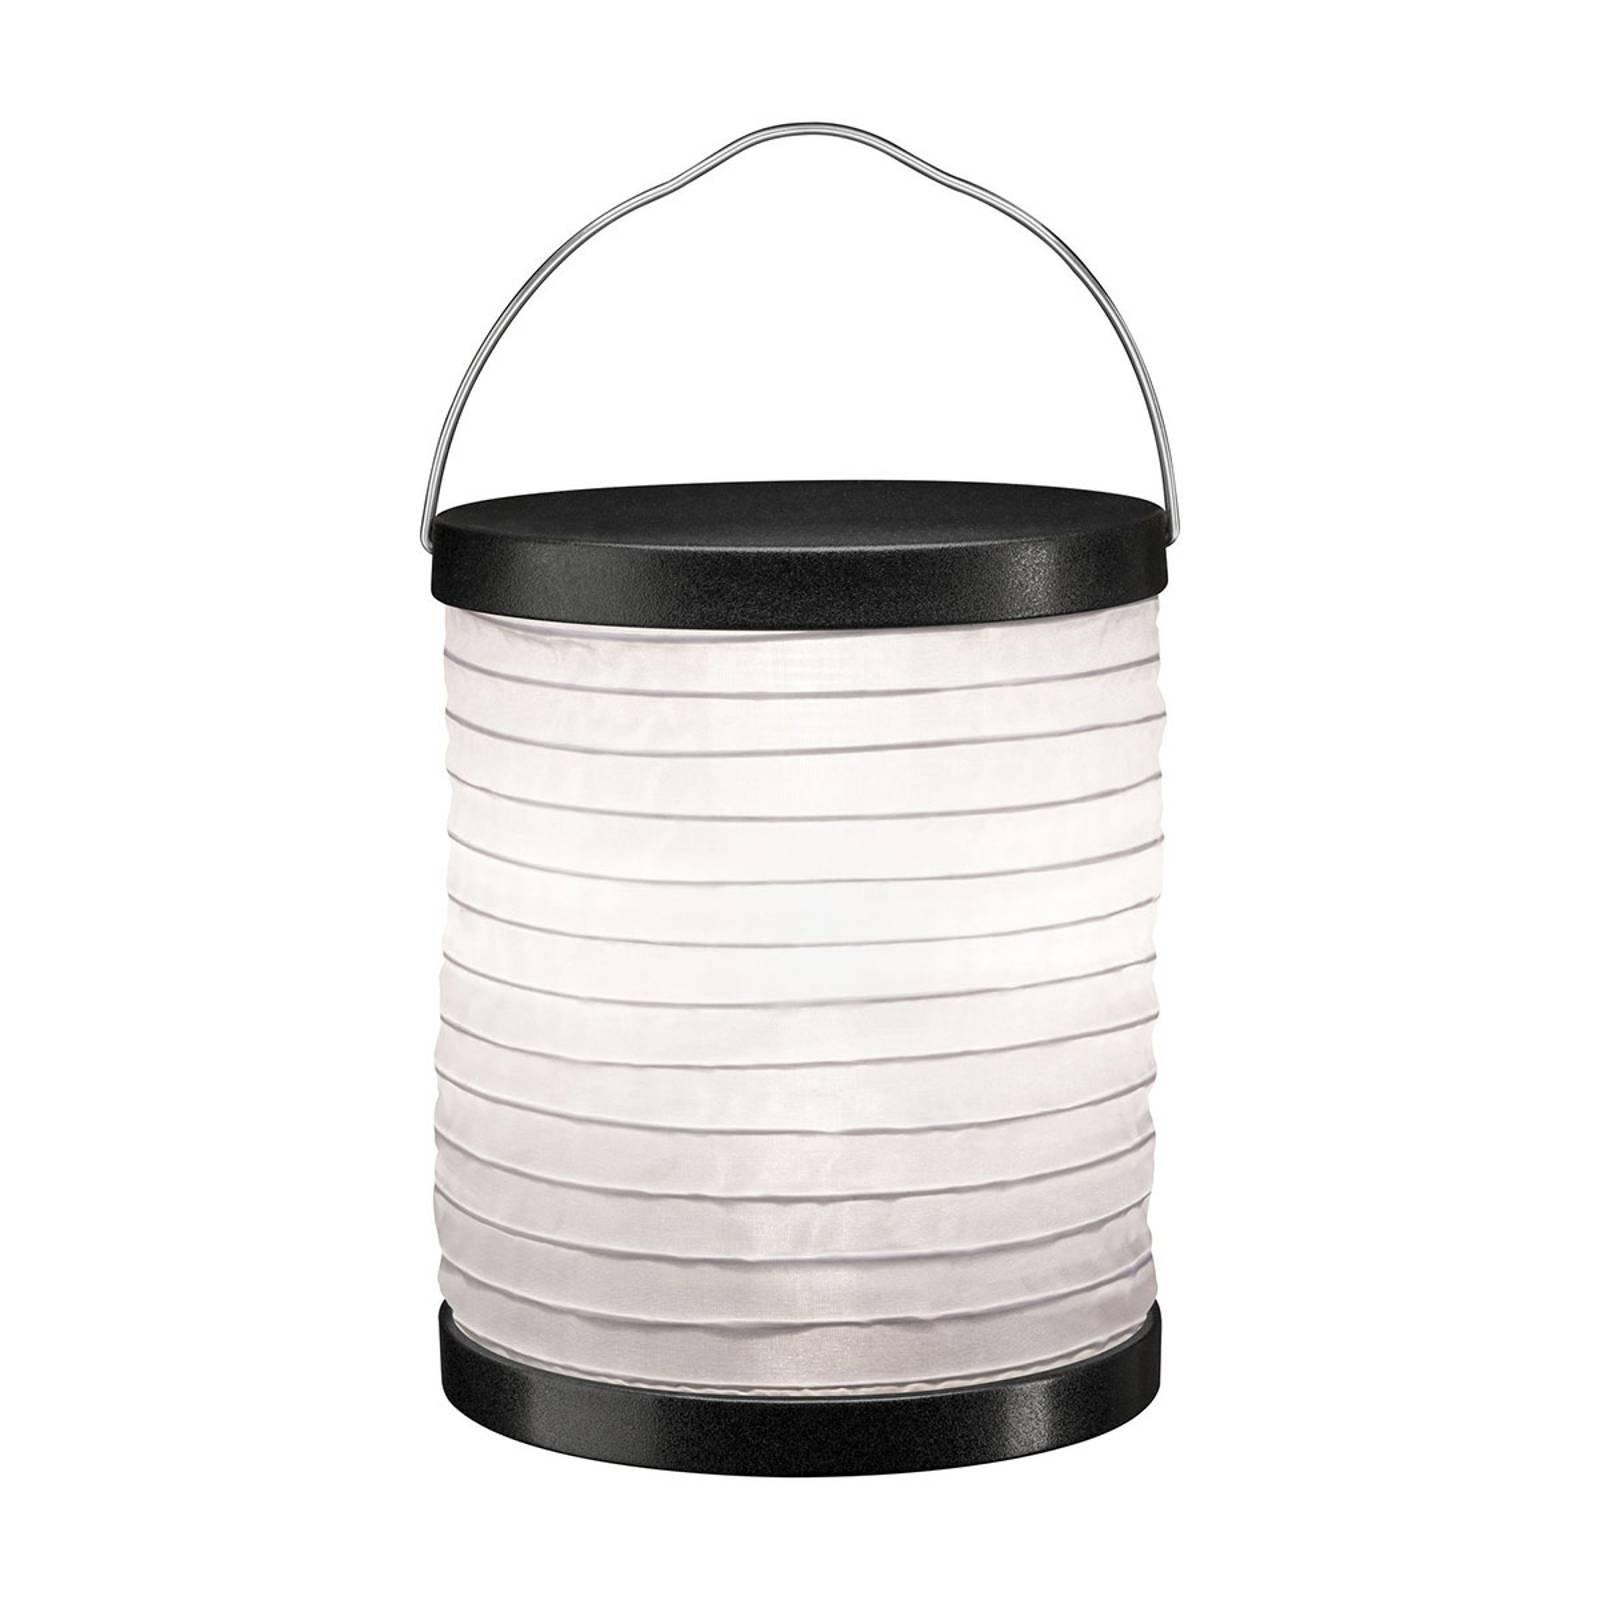 Paulmann Mobile Lampion bordlampe antrasitt